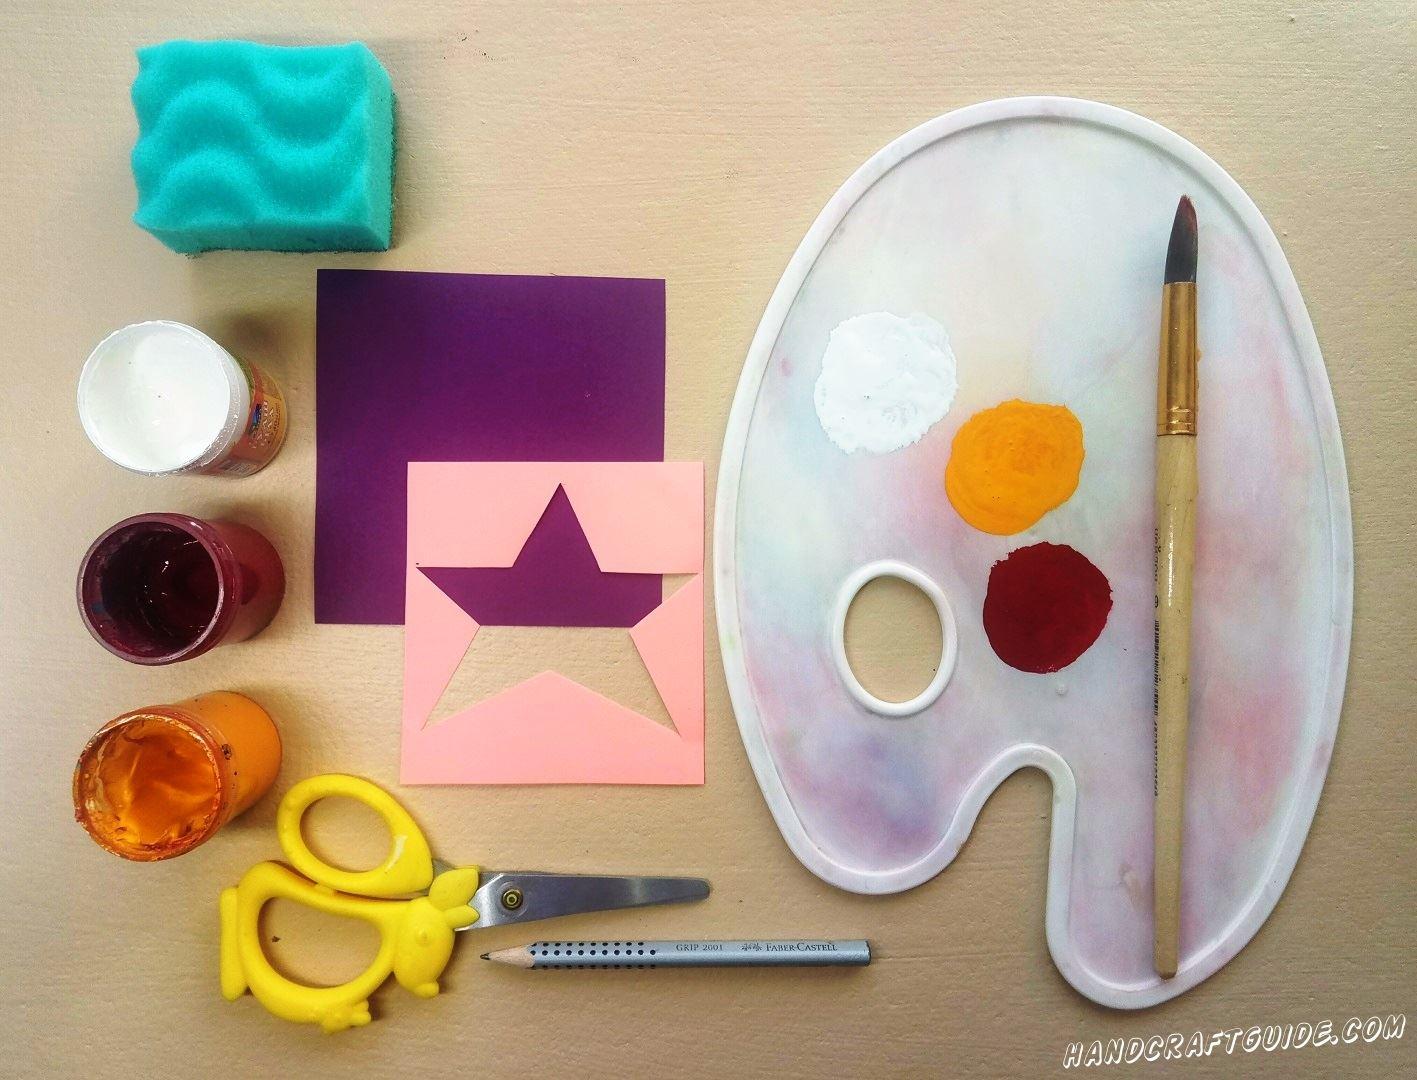 Намазываем один угол мягкой губки белой краской и прикладываем трафарет на фиолетовый листик бумаги